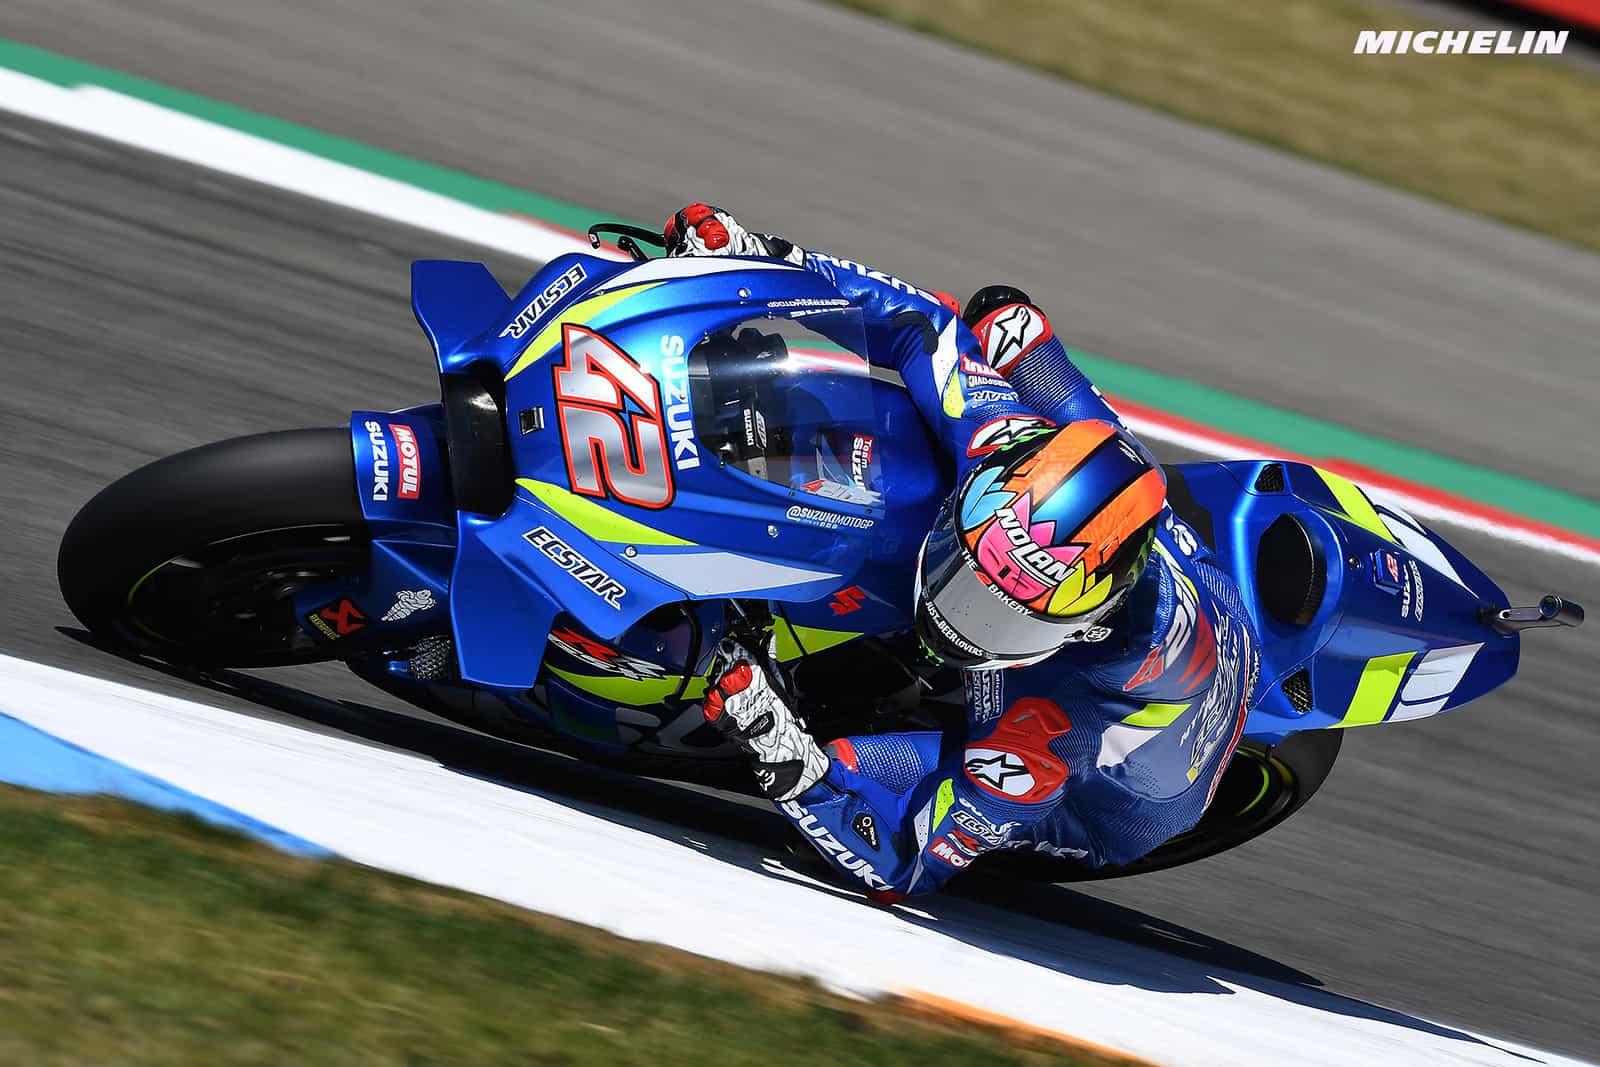 MotoGP2019オランダGP FP2 5位リンス「ウイリーを制御することが必要」